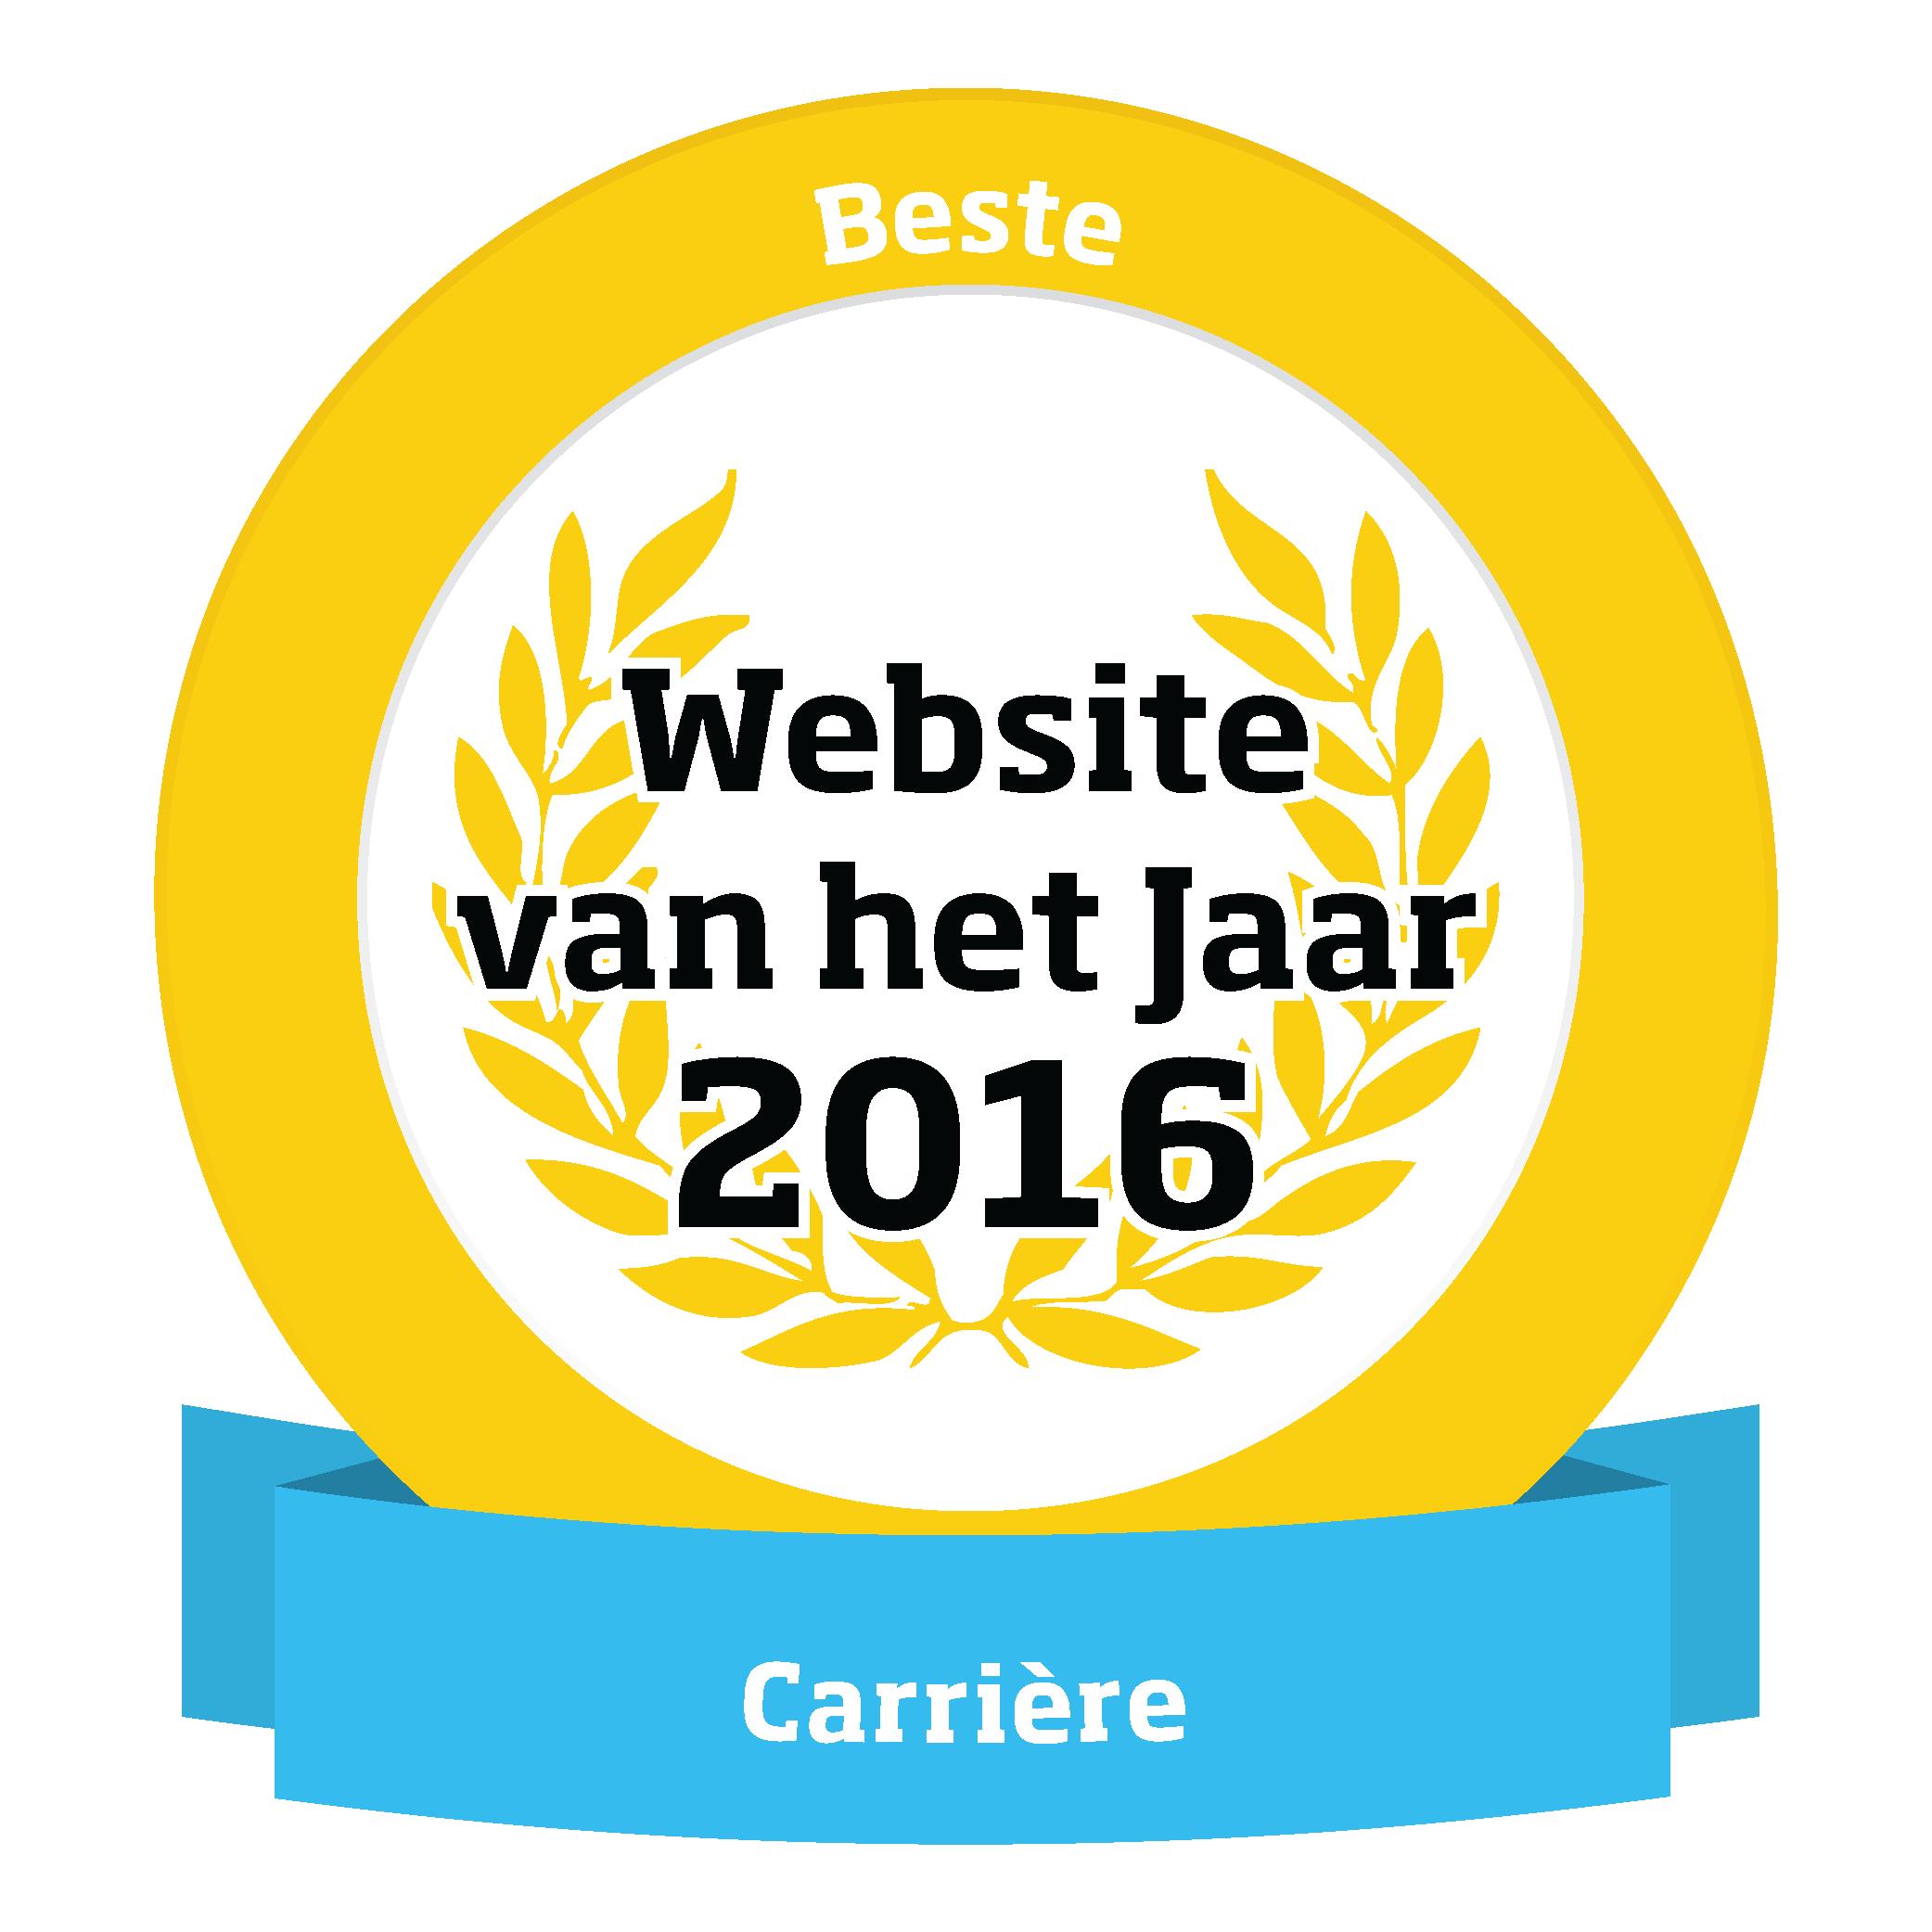 Beste_Carriere-rene-herremans-merkrelaties-nl